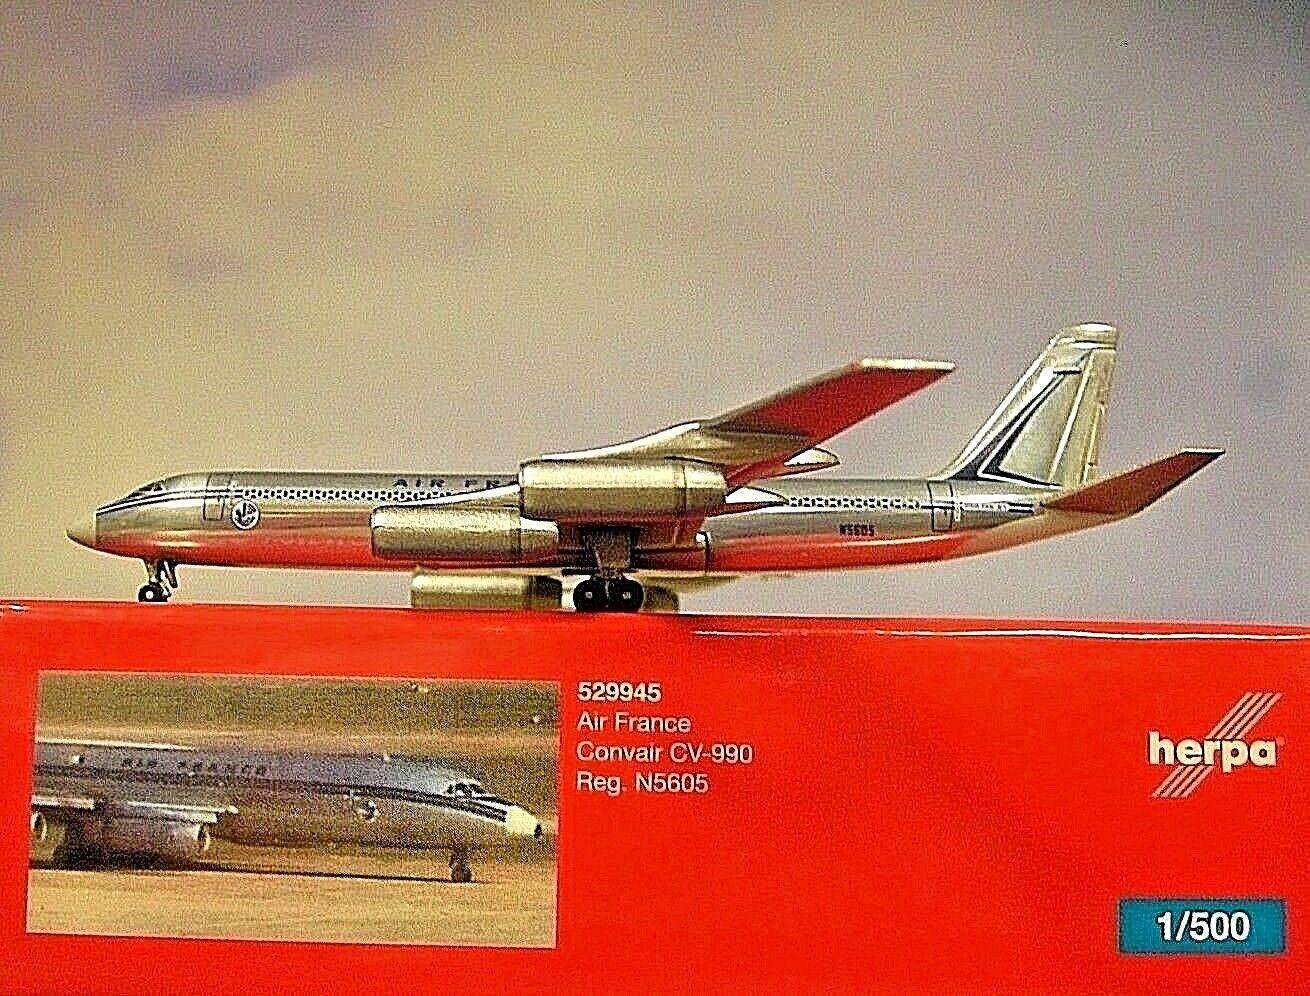 Herpa Herpa Herpa Wings 1 500 Convair Cv-990 Air Francia N-5605 529945 Modellairport500 b3337f